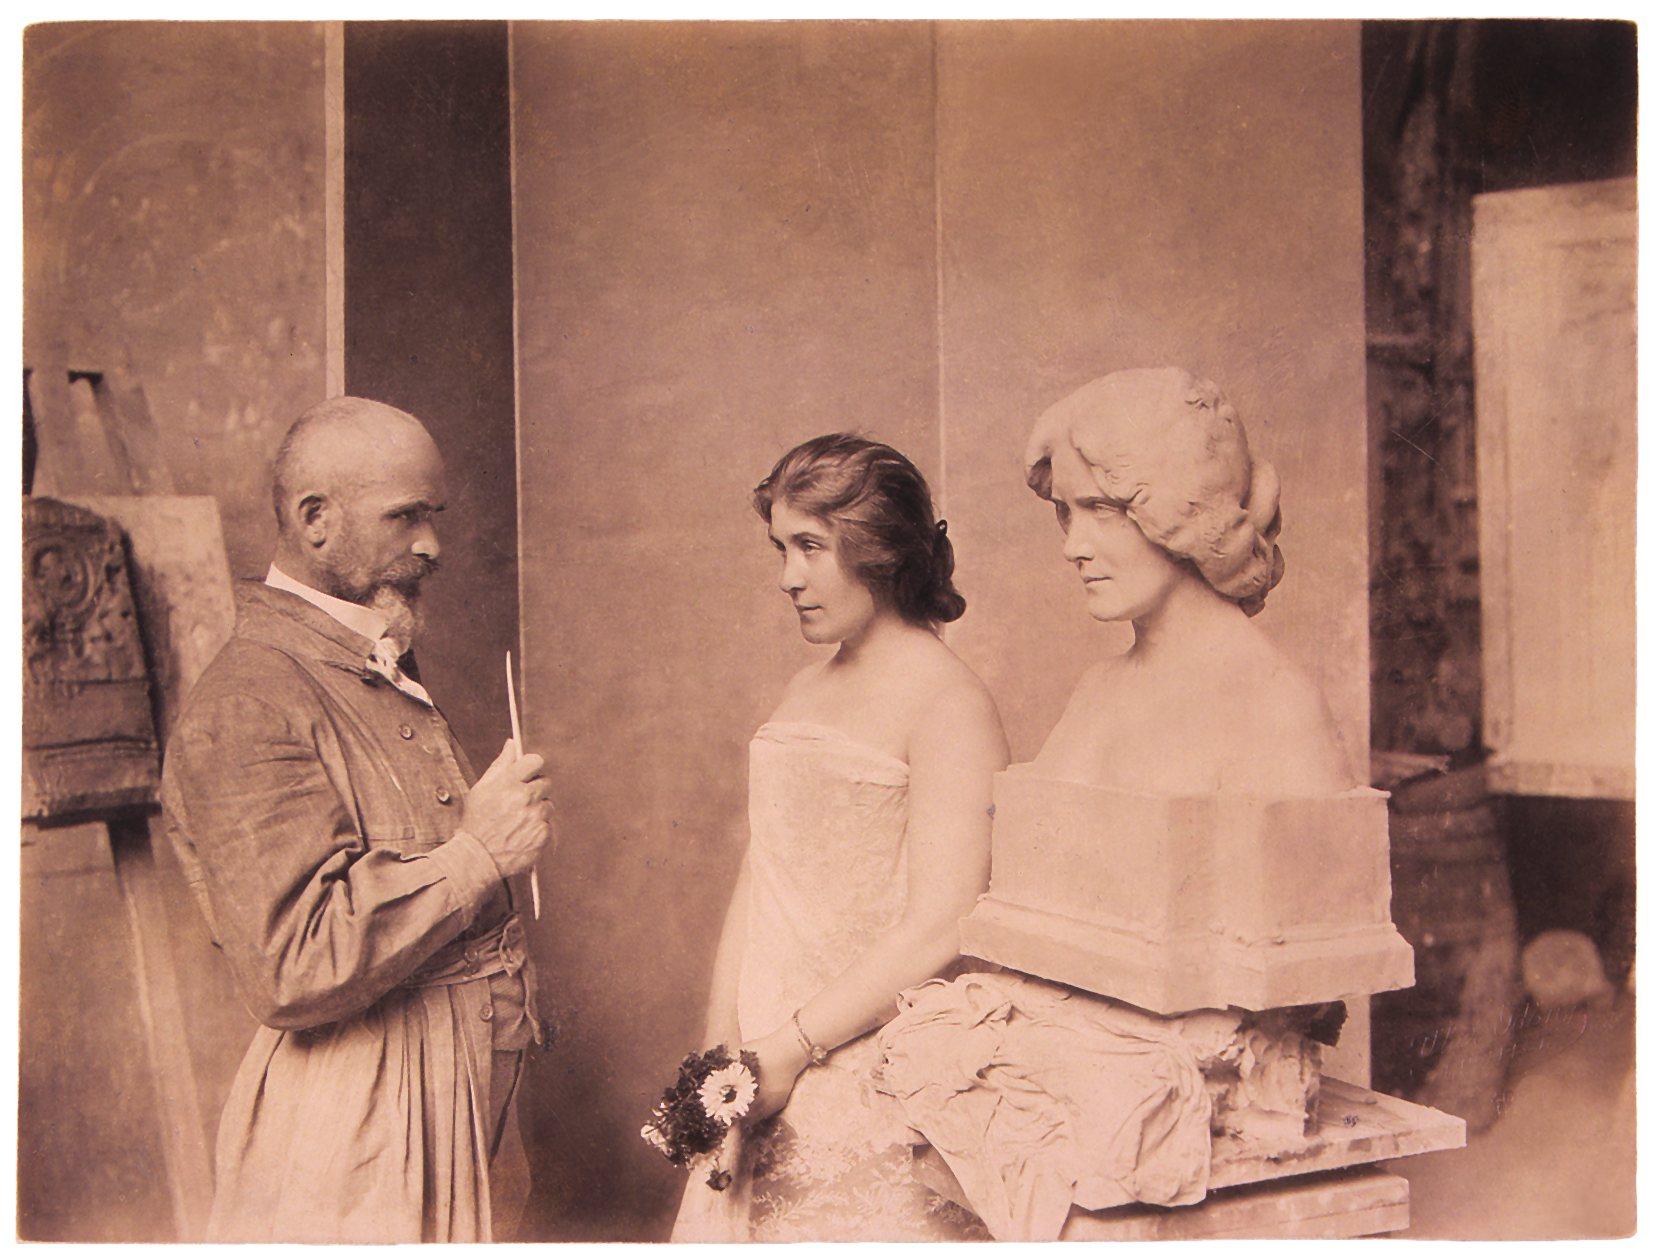 Márkus Emília Stróbl Alajos műtermében 1899-ben. Jelzet: KB 4076/82 – Színháztörténeti és Zeneműtár